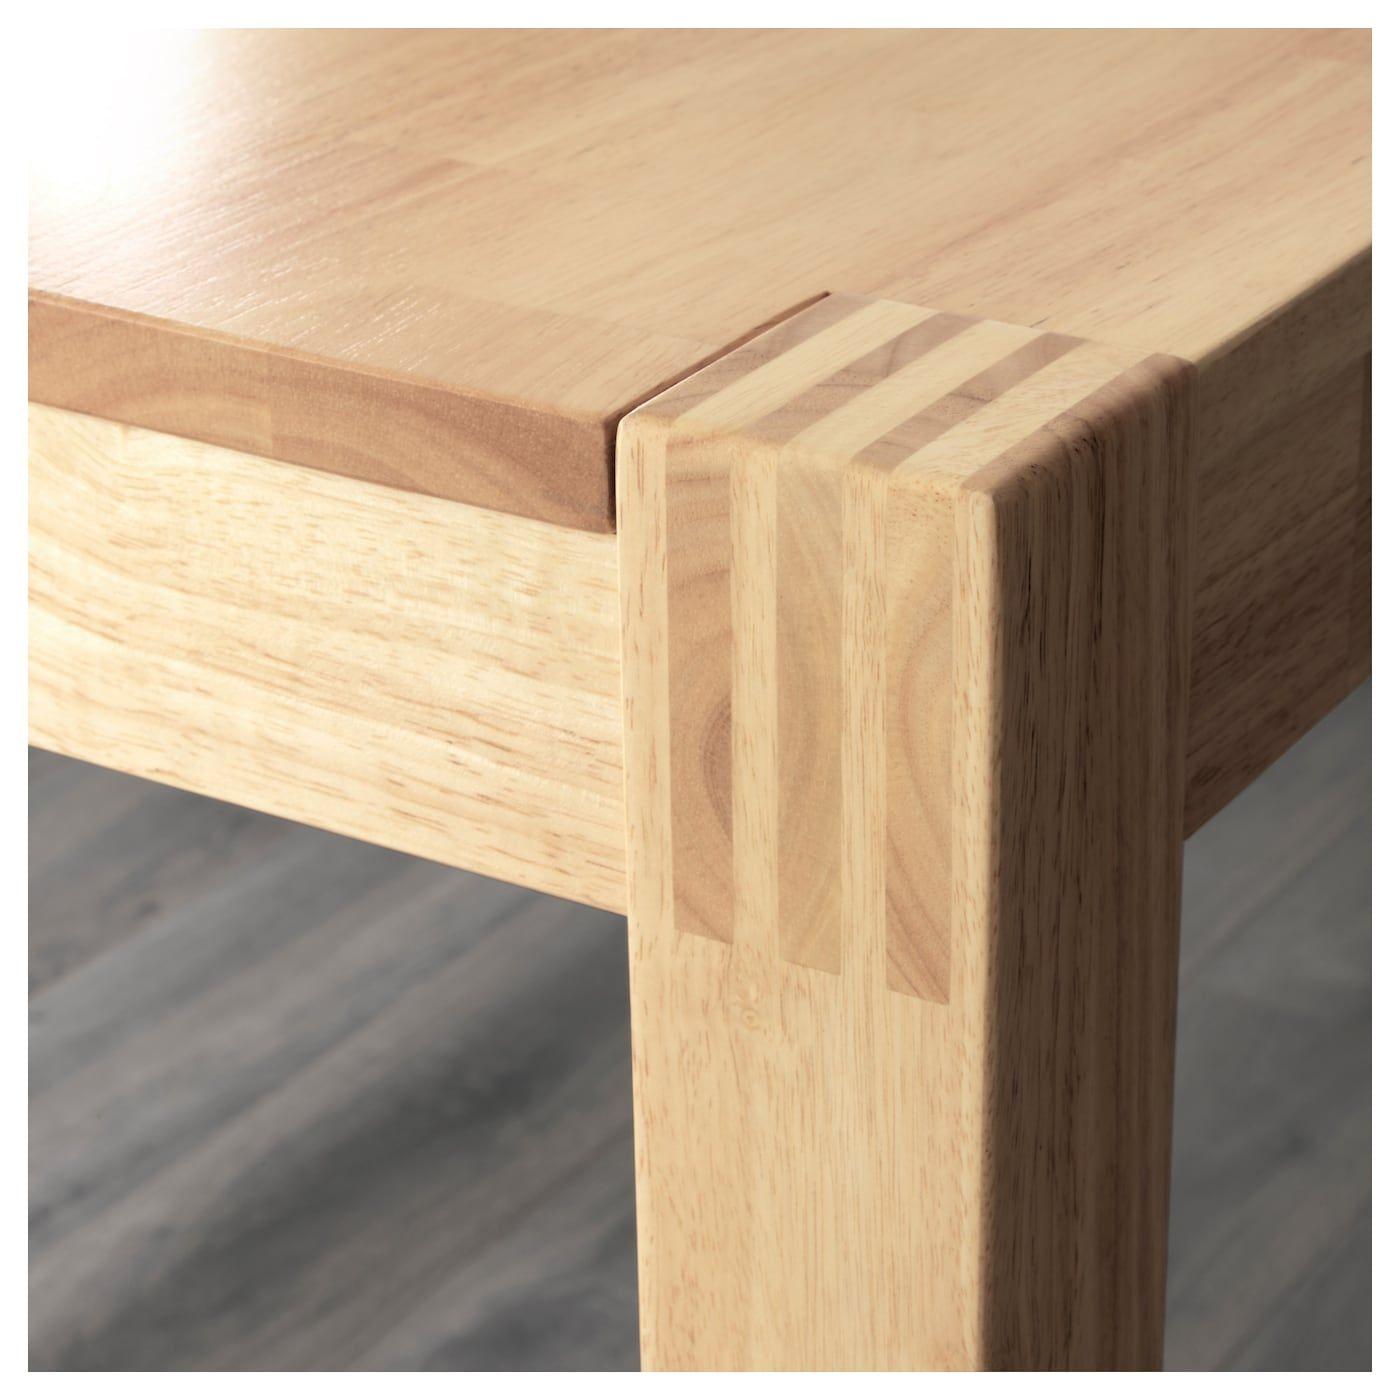 NORDBY Tisch Gummibaum in 2020 Gummibaum, Ikea und Tisch